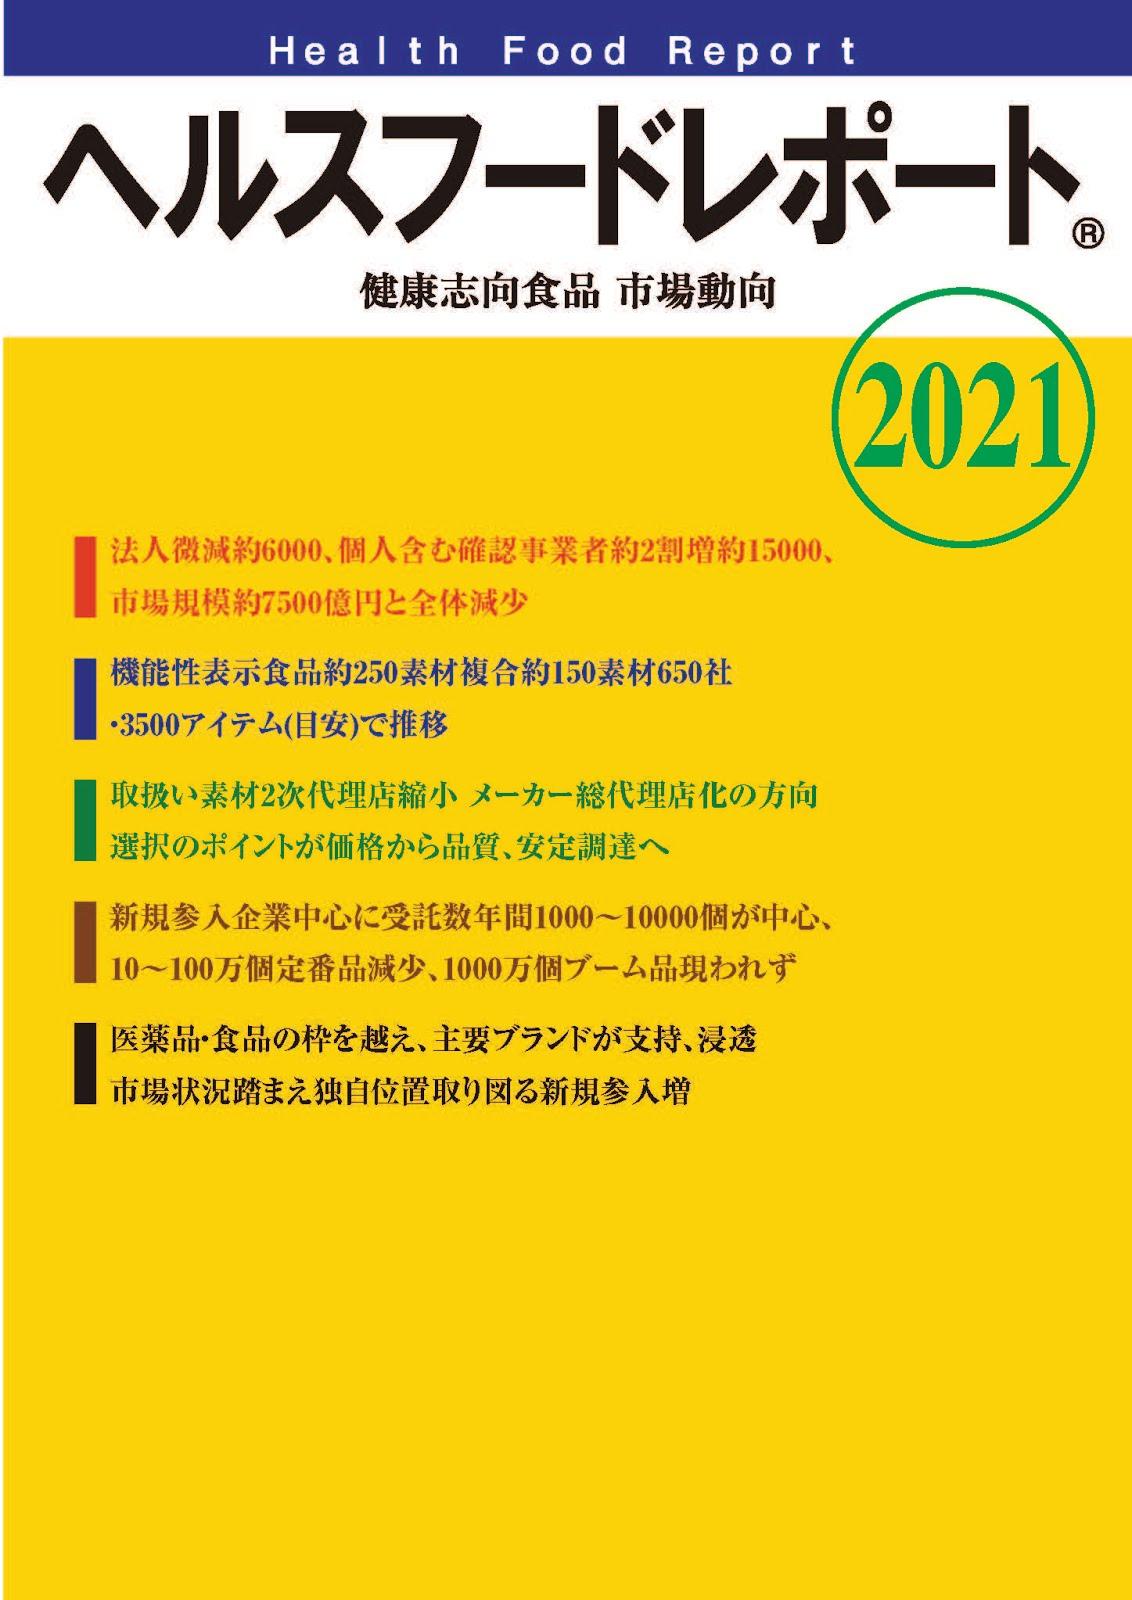 『健康志向食品市場動向2021』